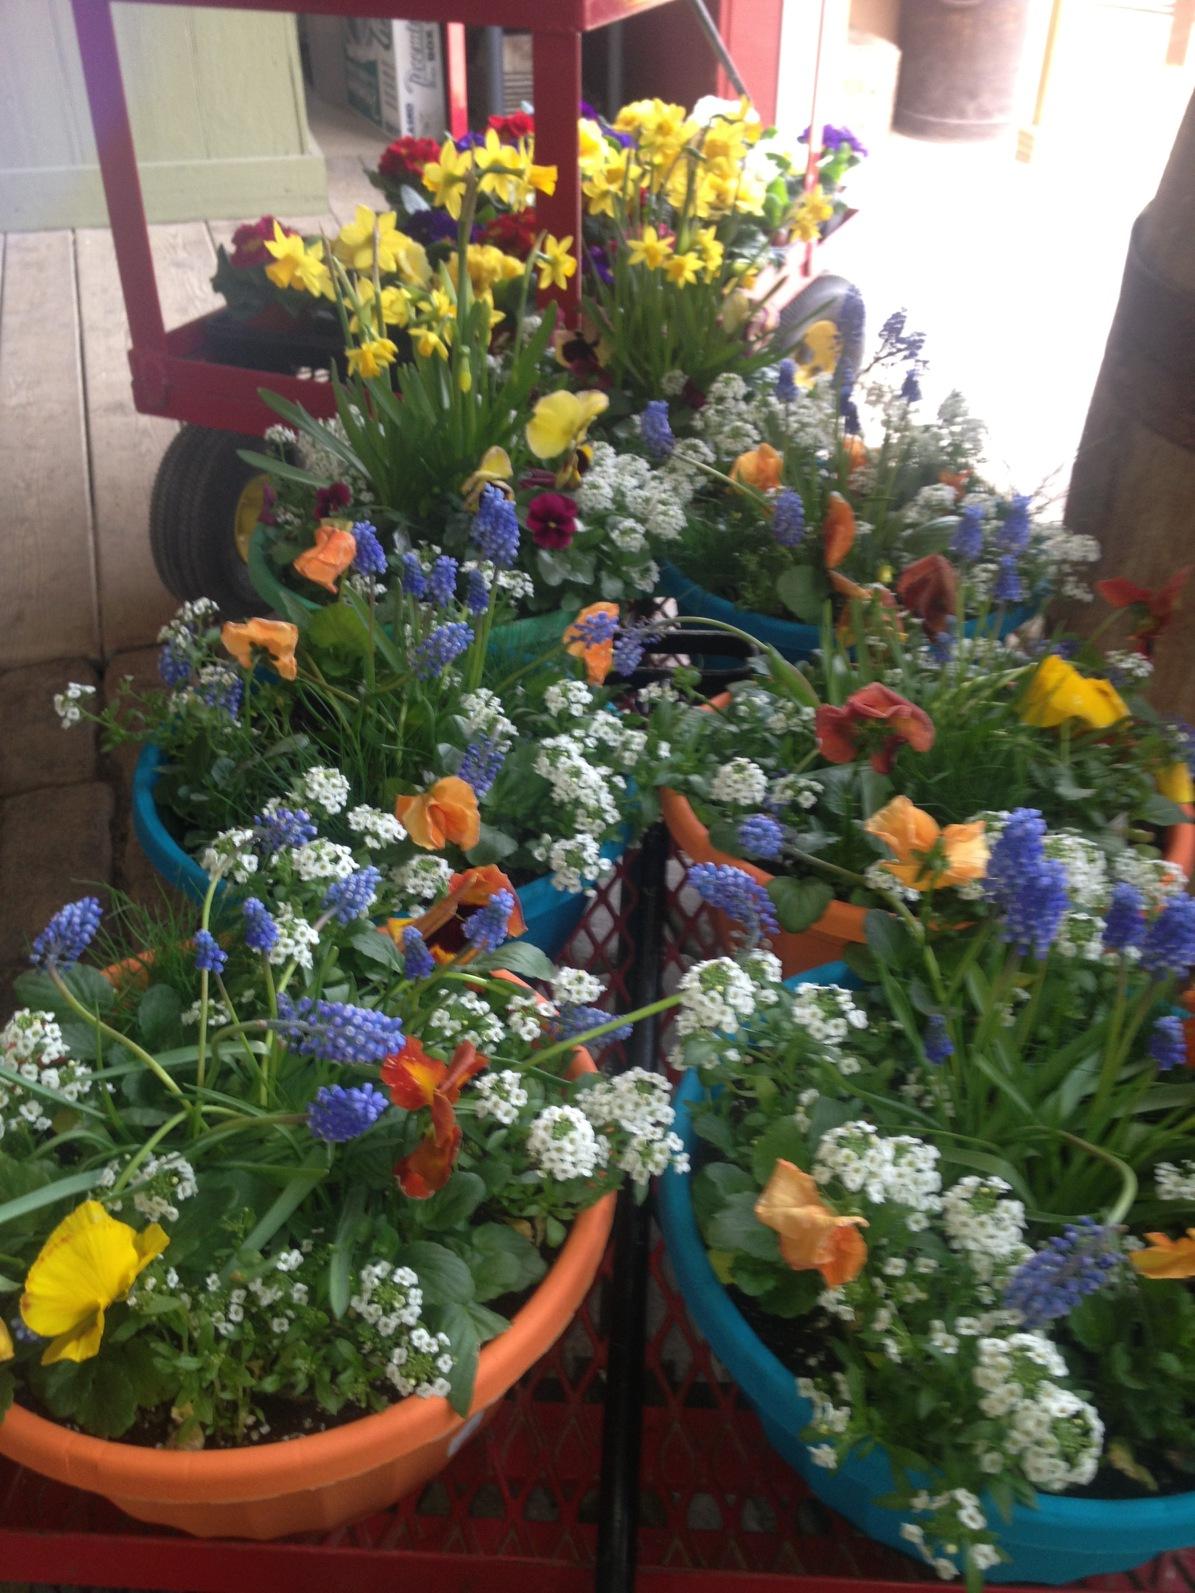 Farm Market Flowers 3.jpg